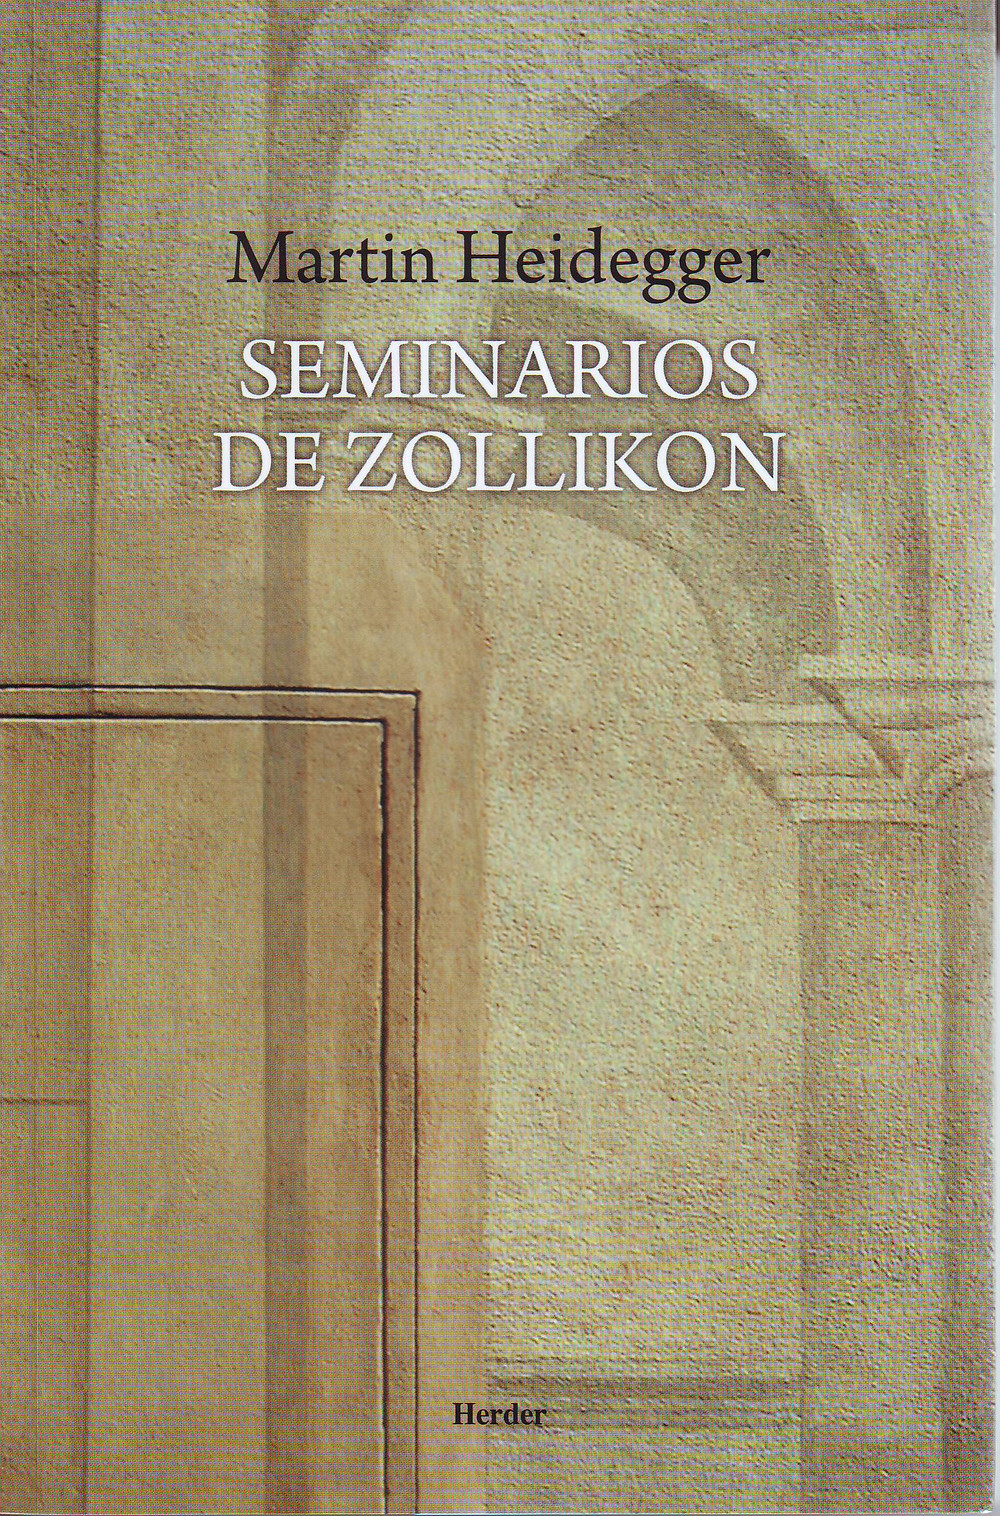 Portada Heidegger_Seminarios-de-Zollikon.JPG